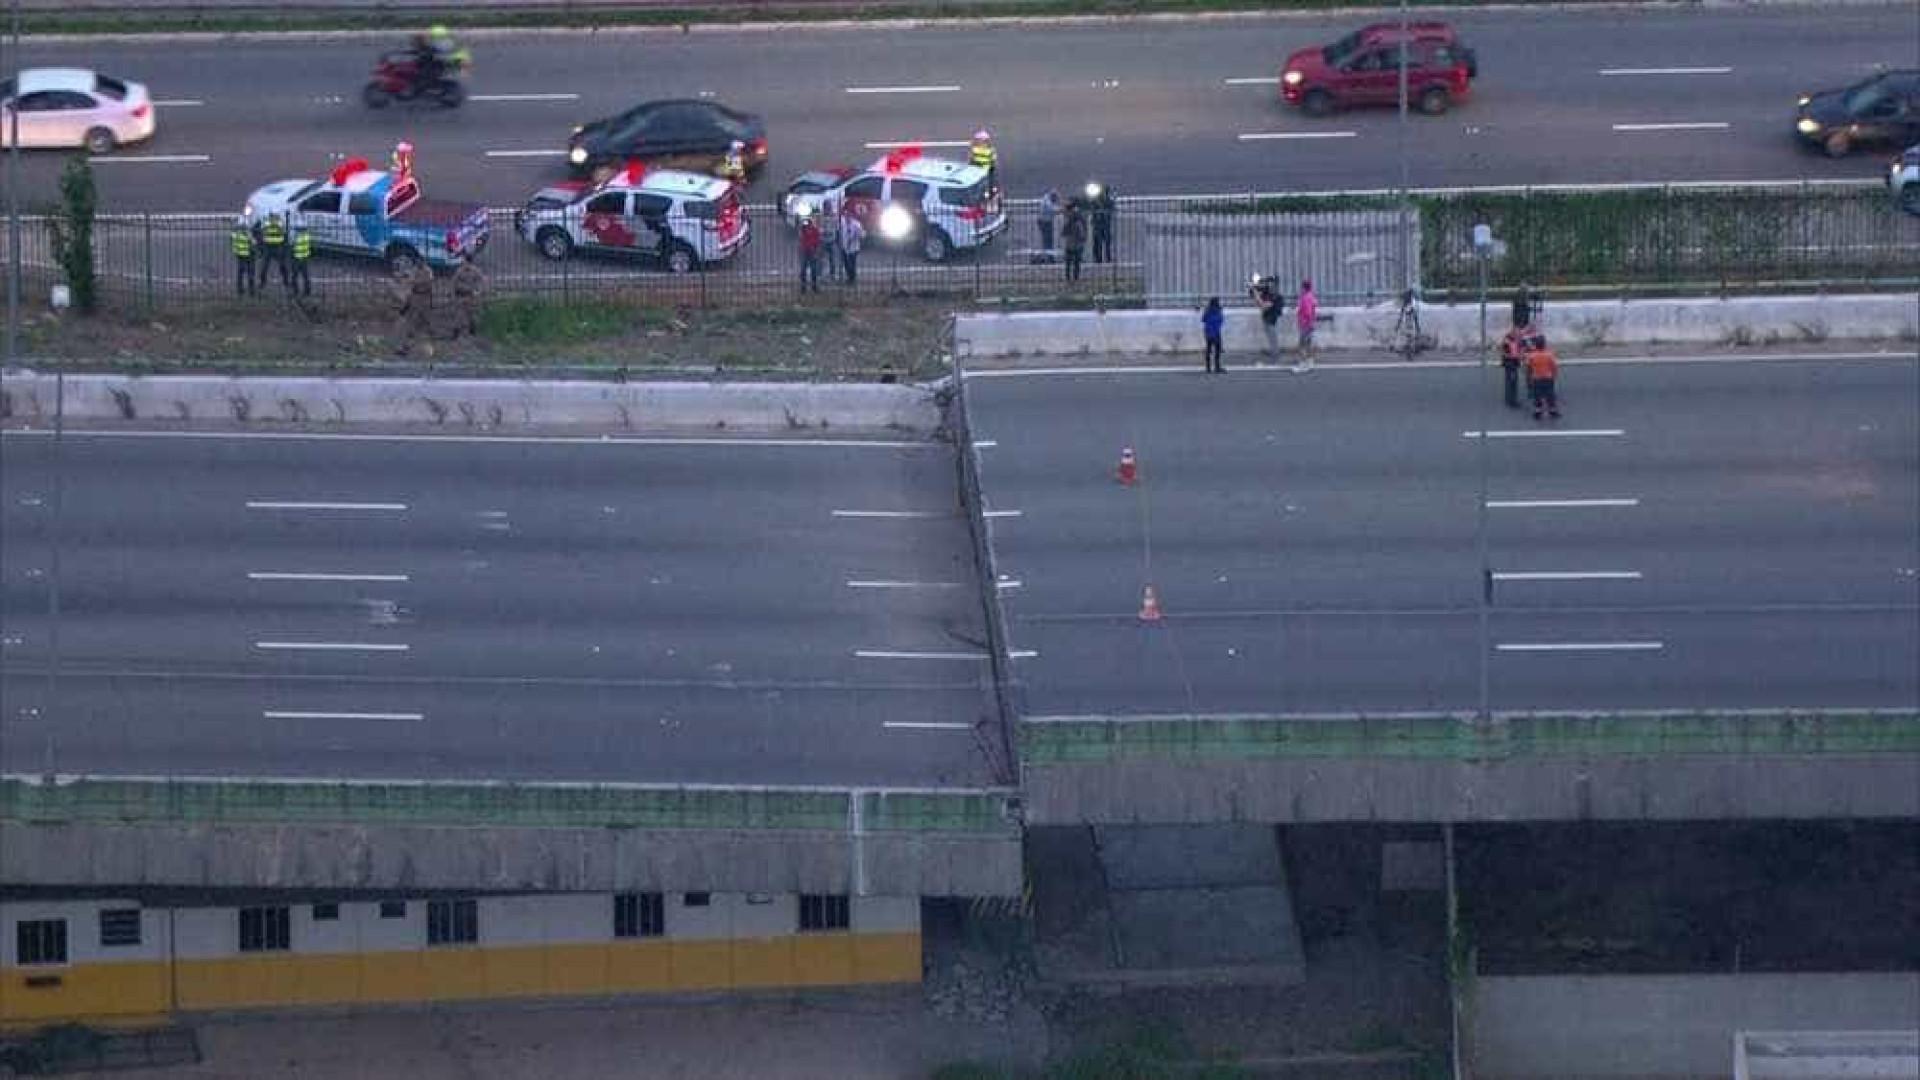 Viaduto tem risco de colapso, e trânsito entra em esquema de emergência